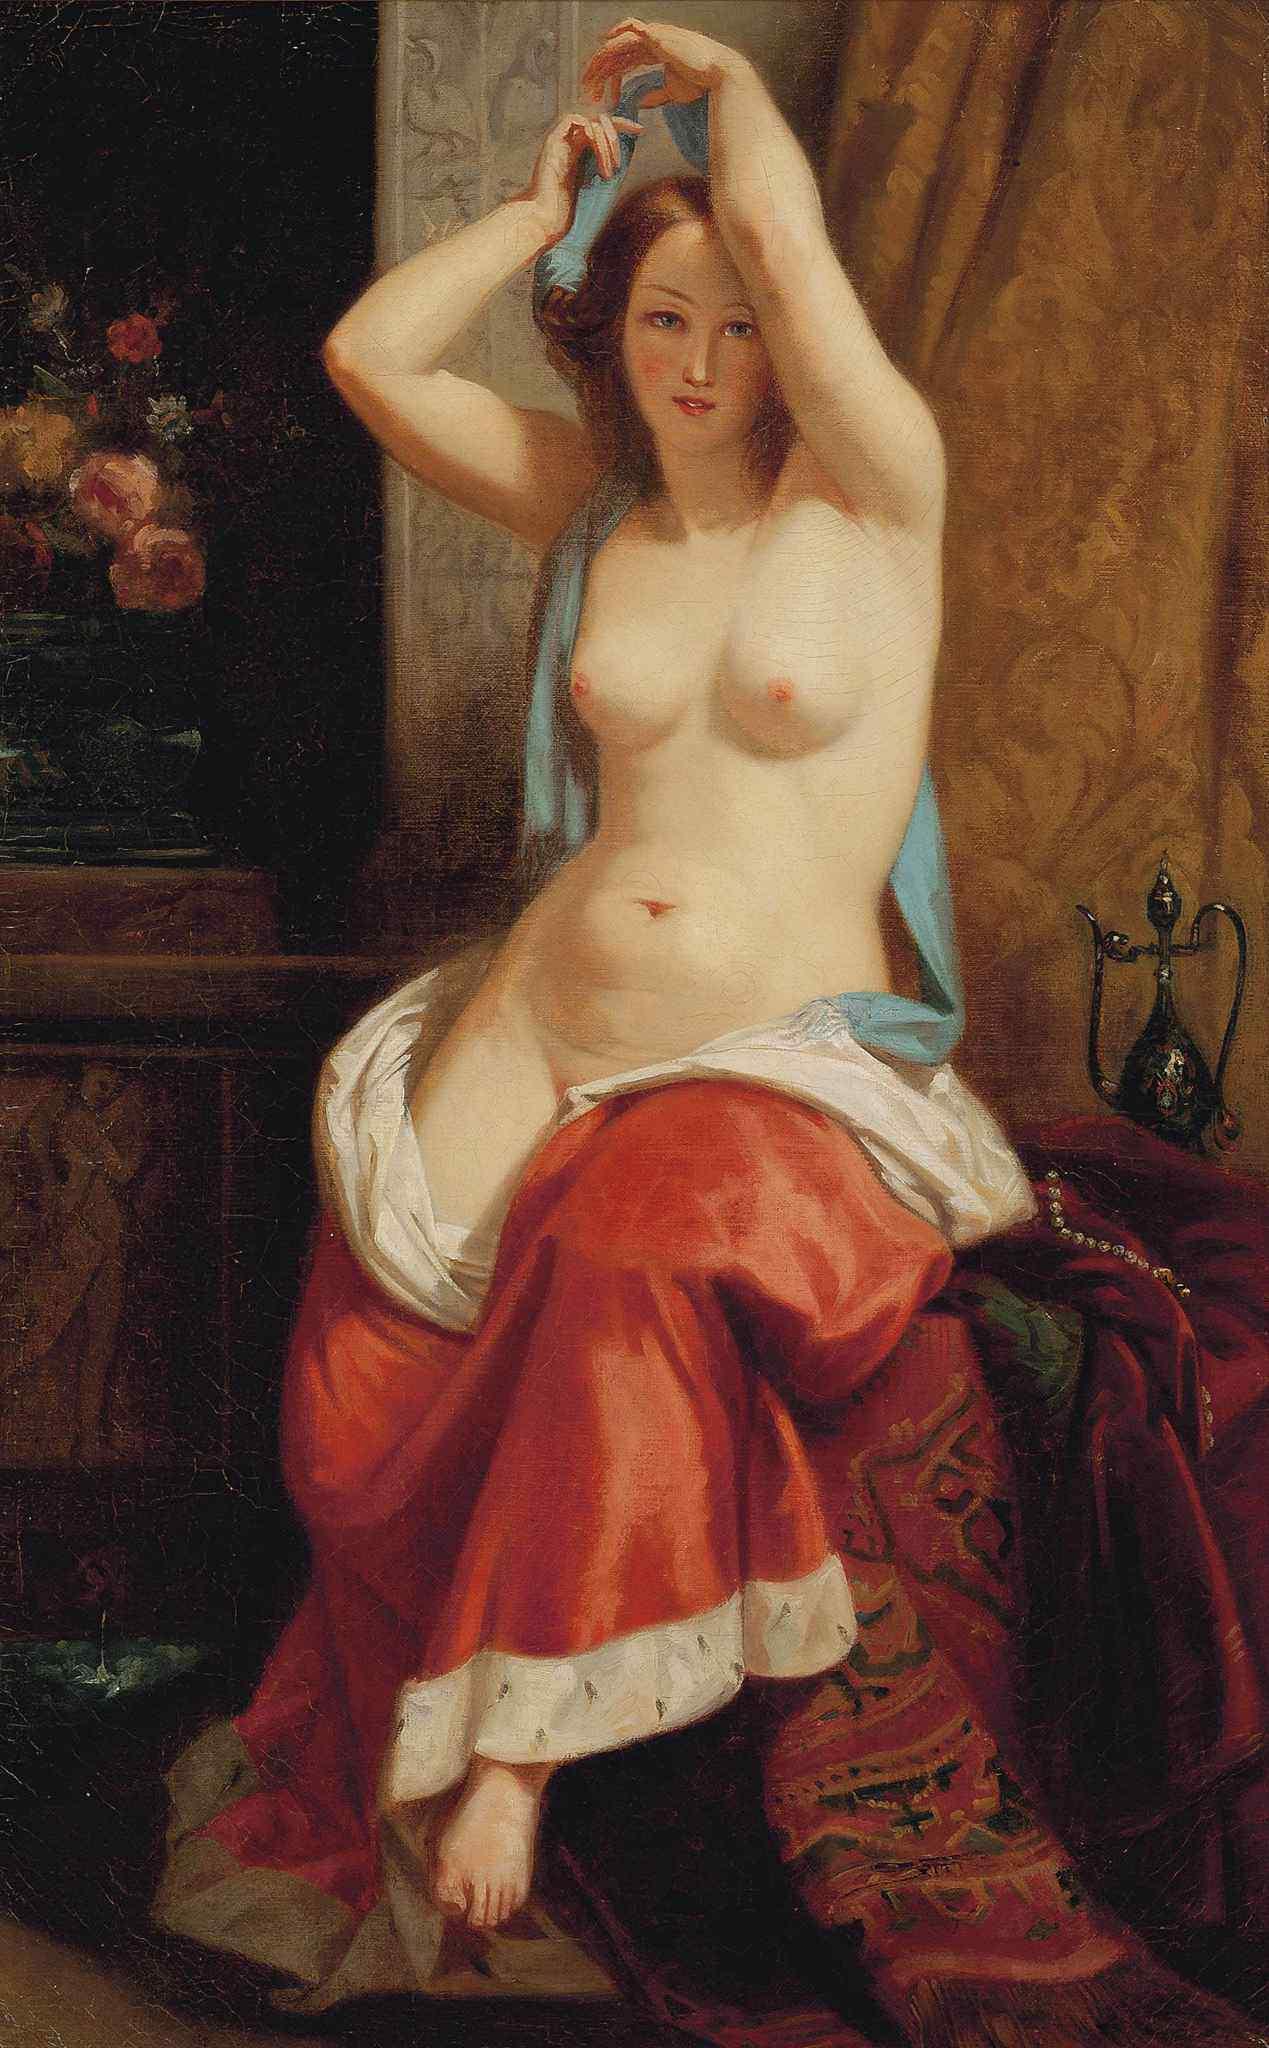 Charles-Edouard Boutibonne, 1816-1897 (круг). Раздевающаяся красавица. 76.2 х 45.8 см. Частная коллекция